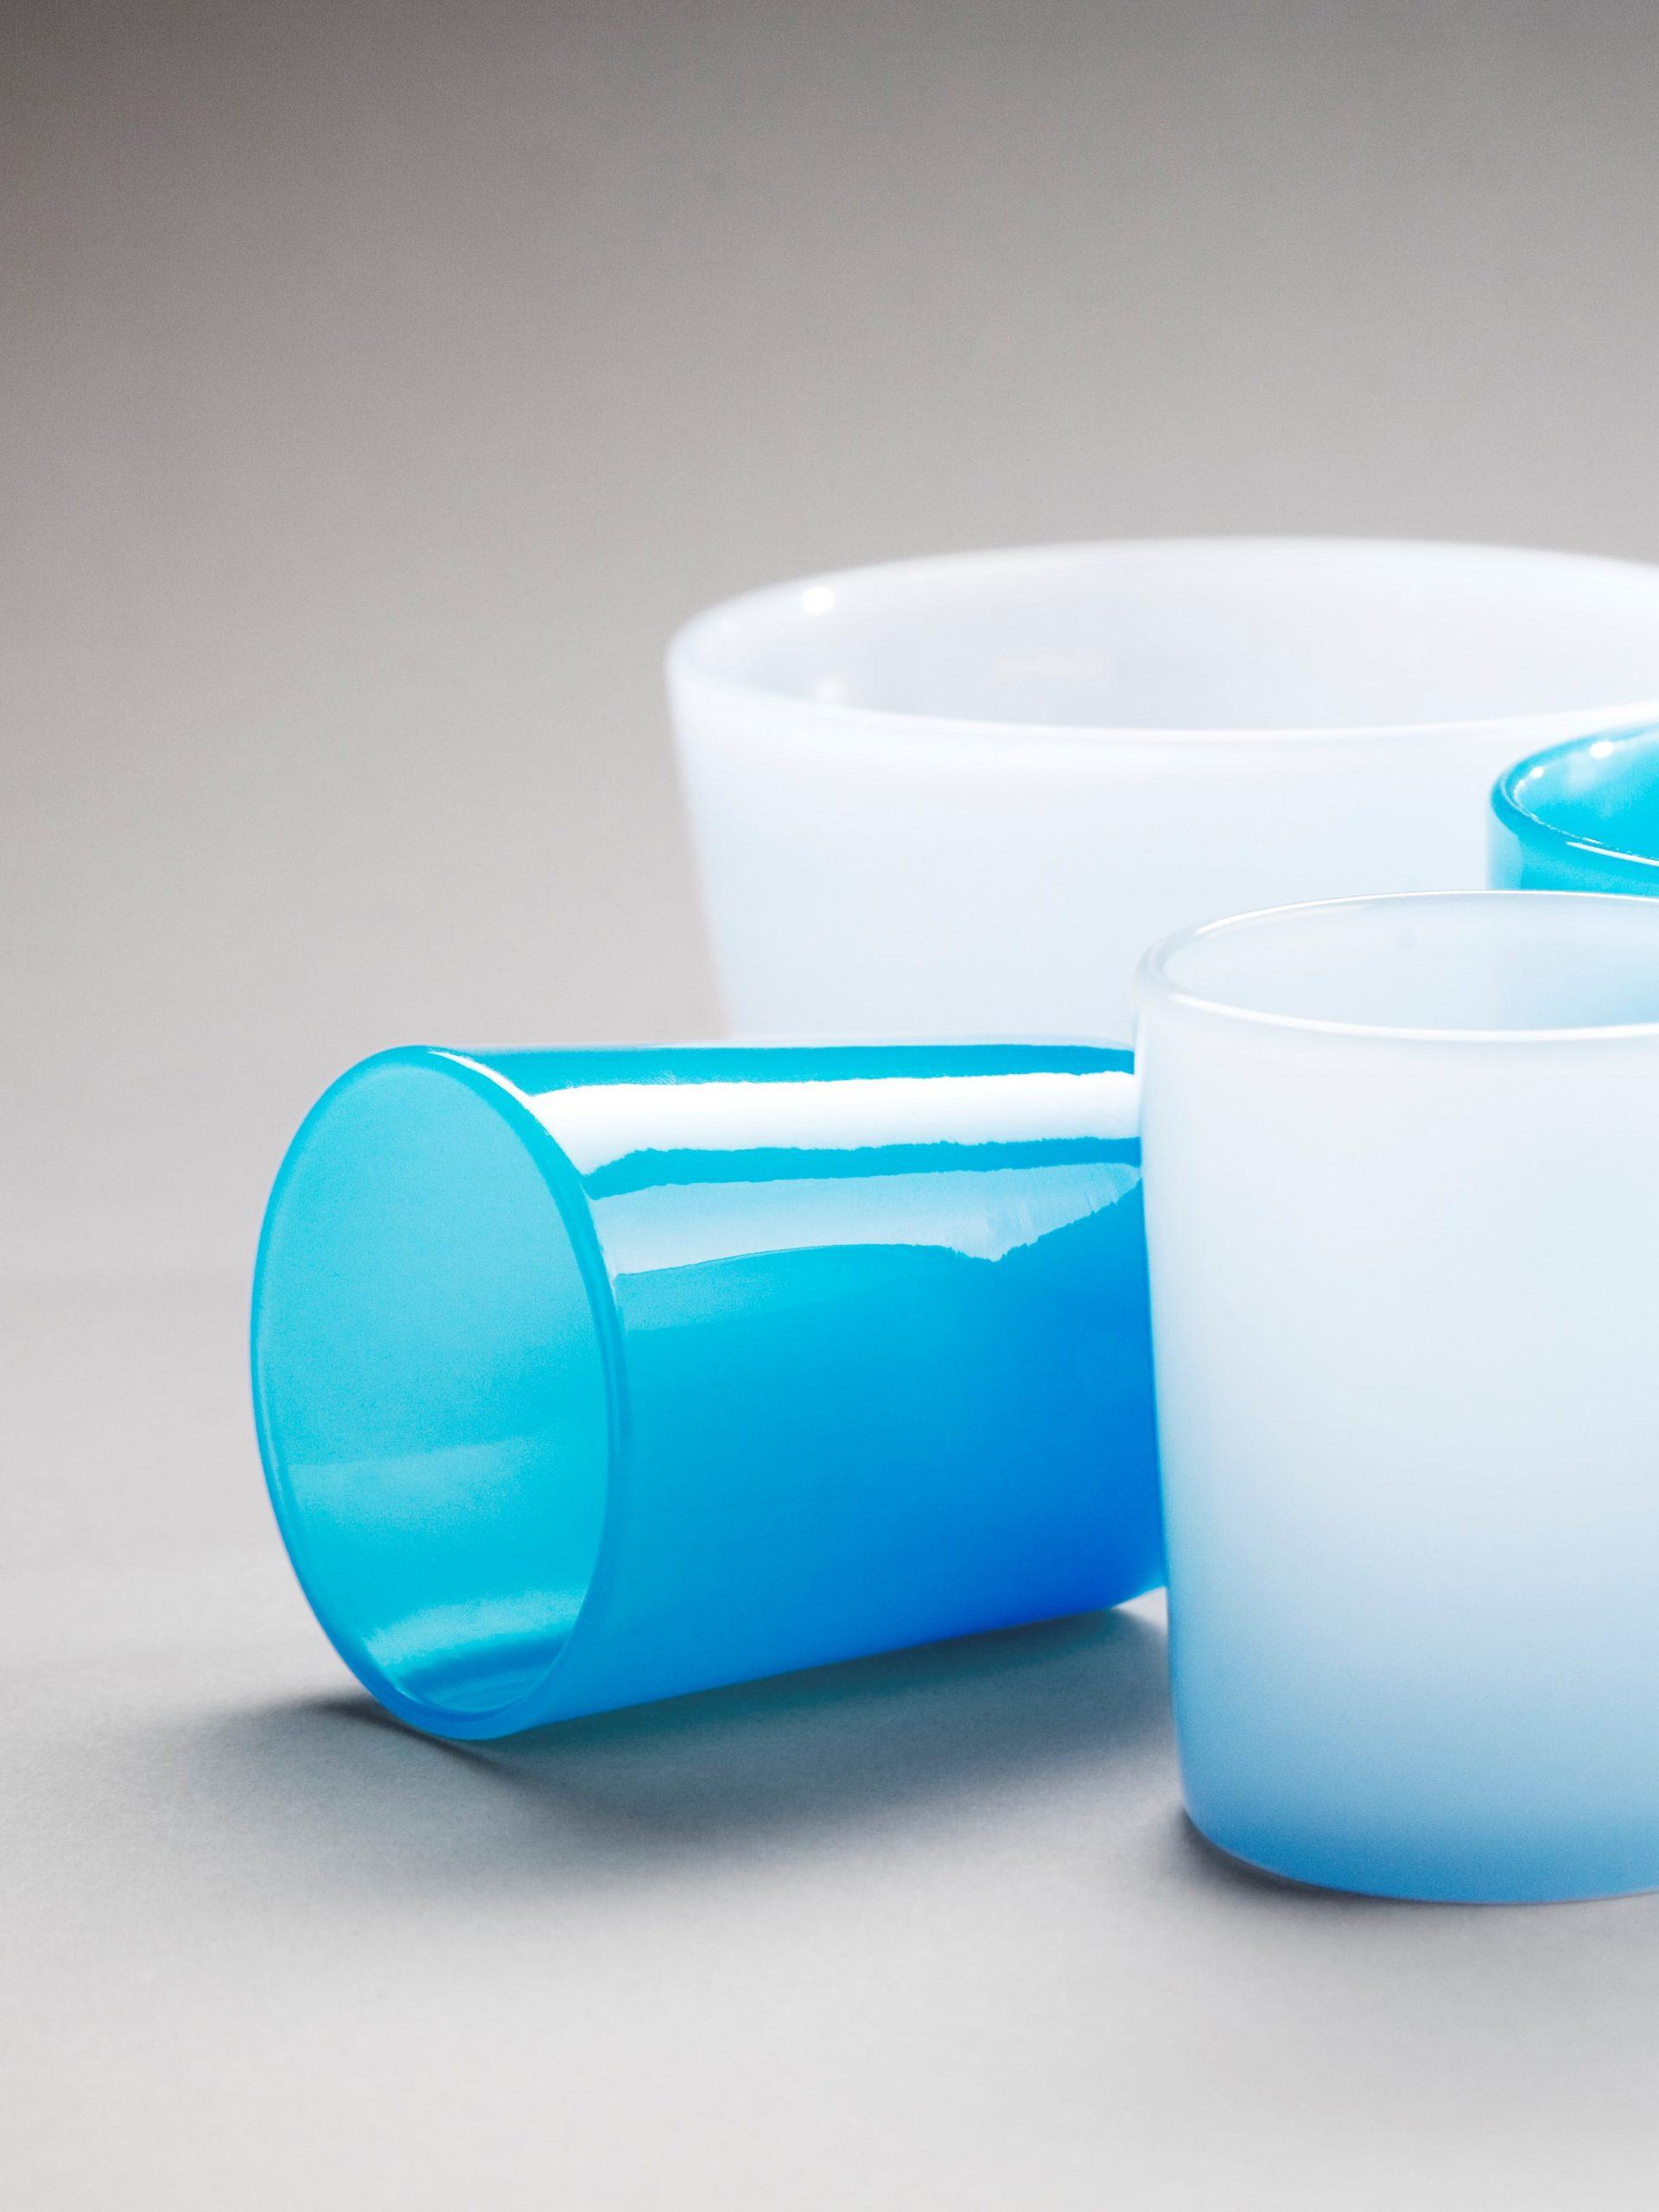 Bägare av blått och vitt glas.